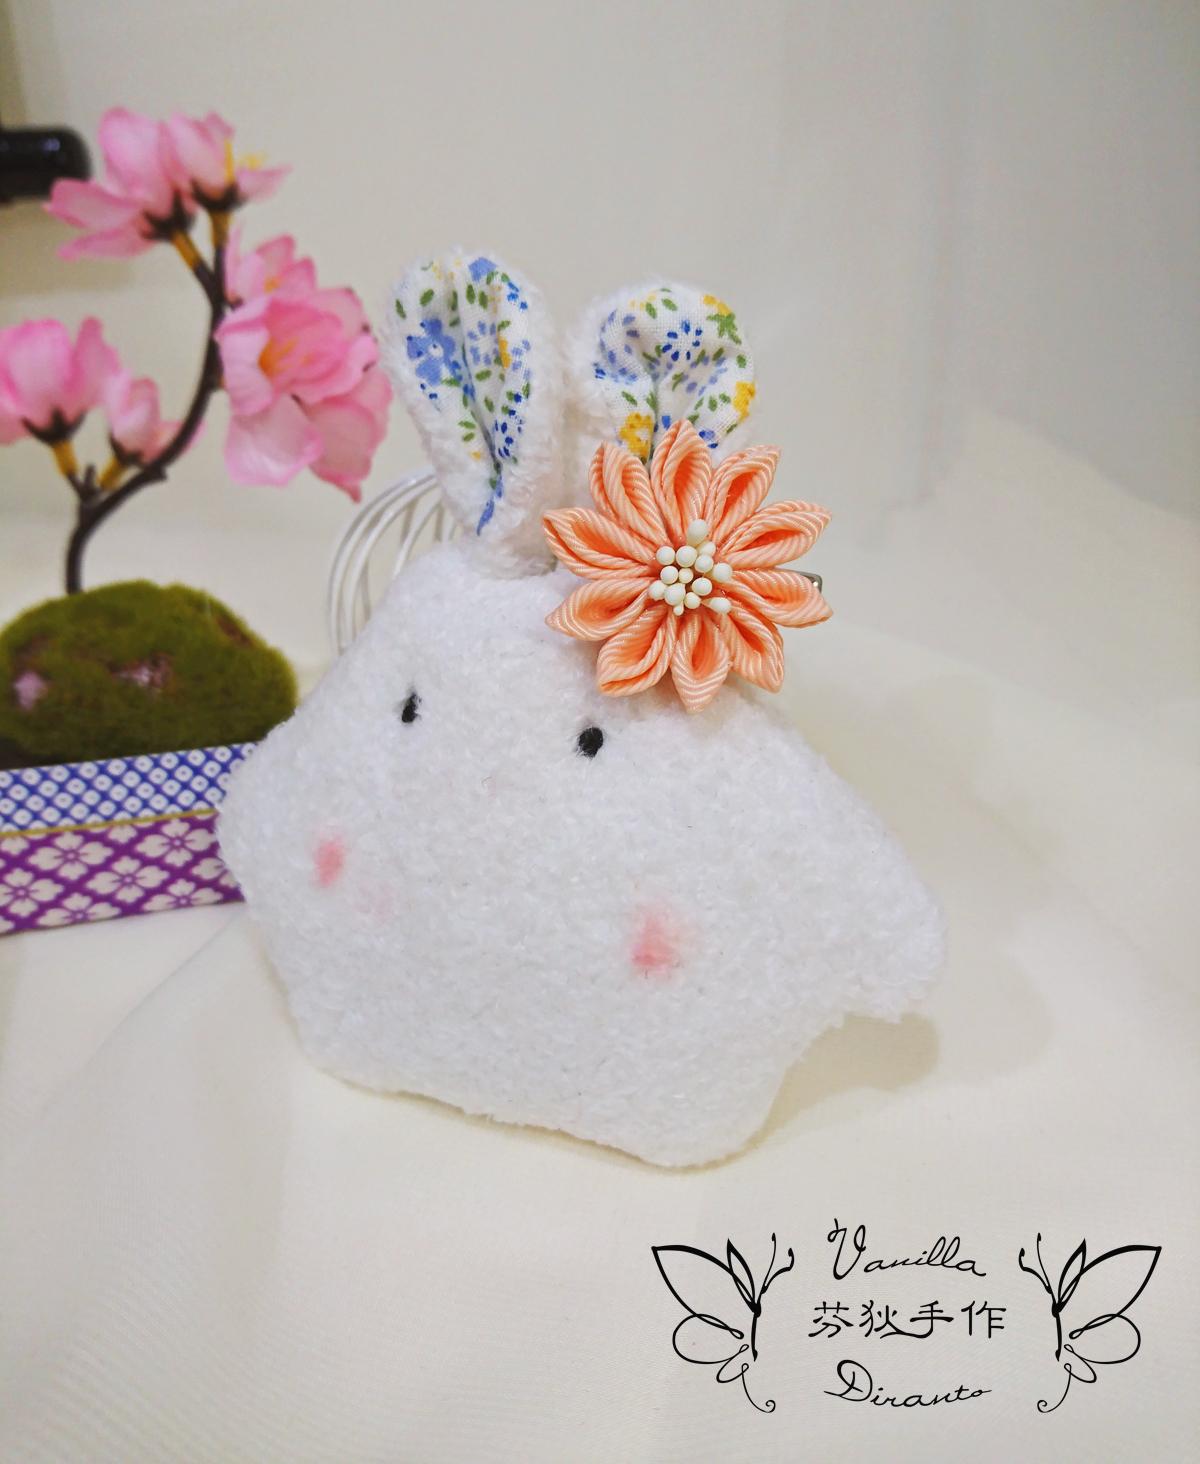 日式和風花髮飾 髮夾 雪芽色 - Duke Vanilla 香草公爵